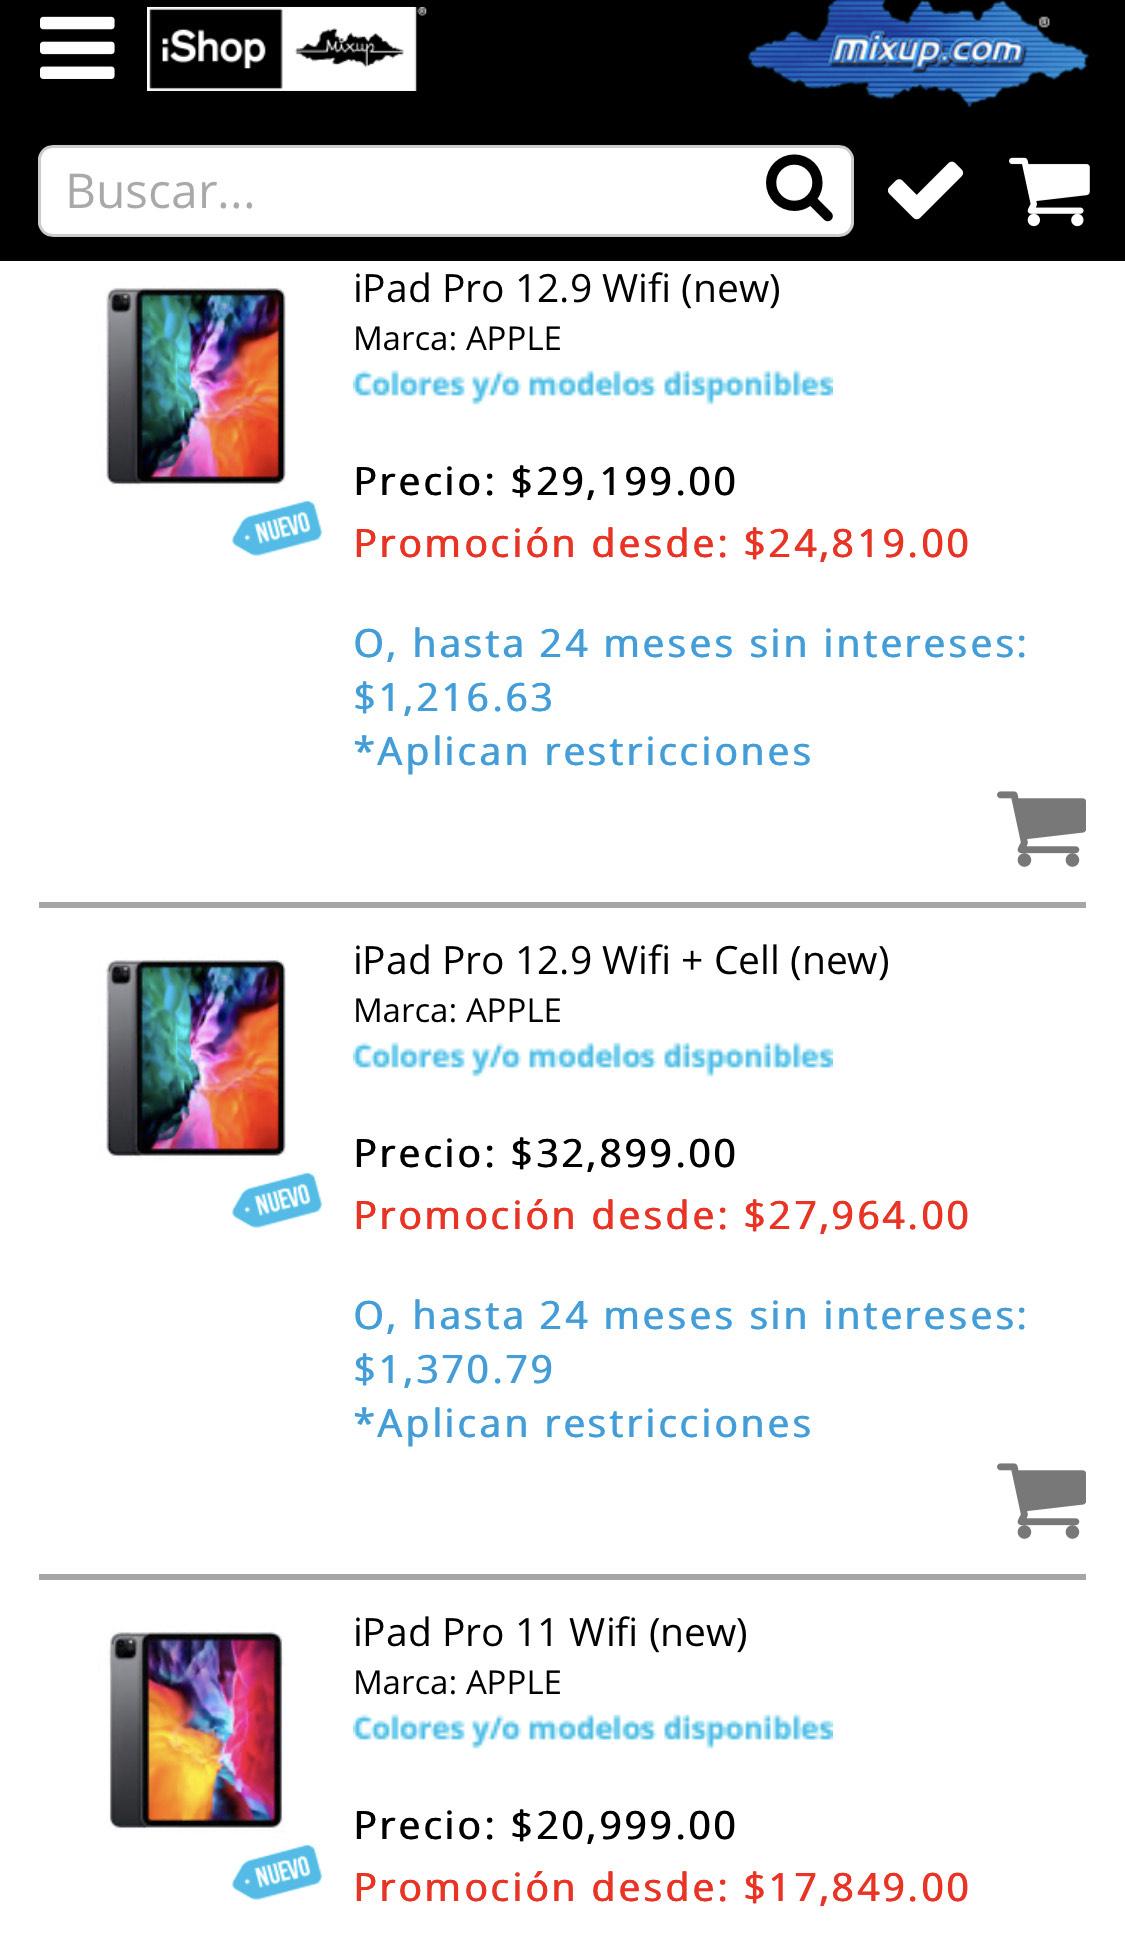 Ishop 15% en iPads pro 2020 +18 msi pagando paypal Citibanamex